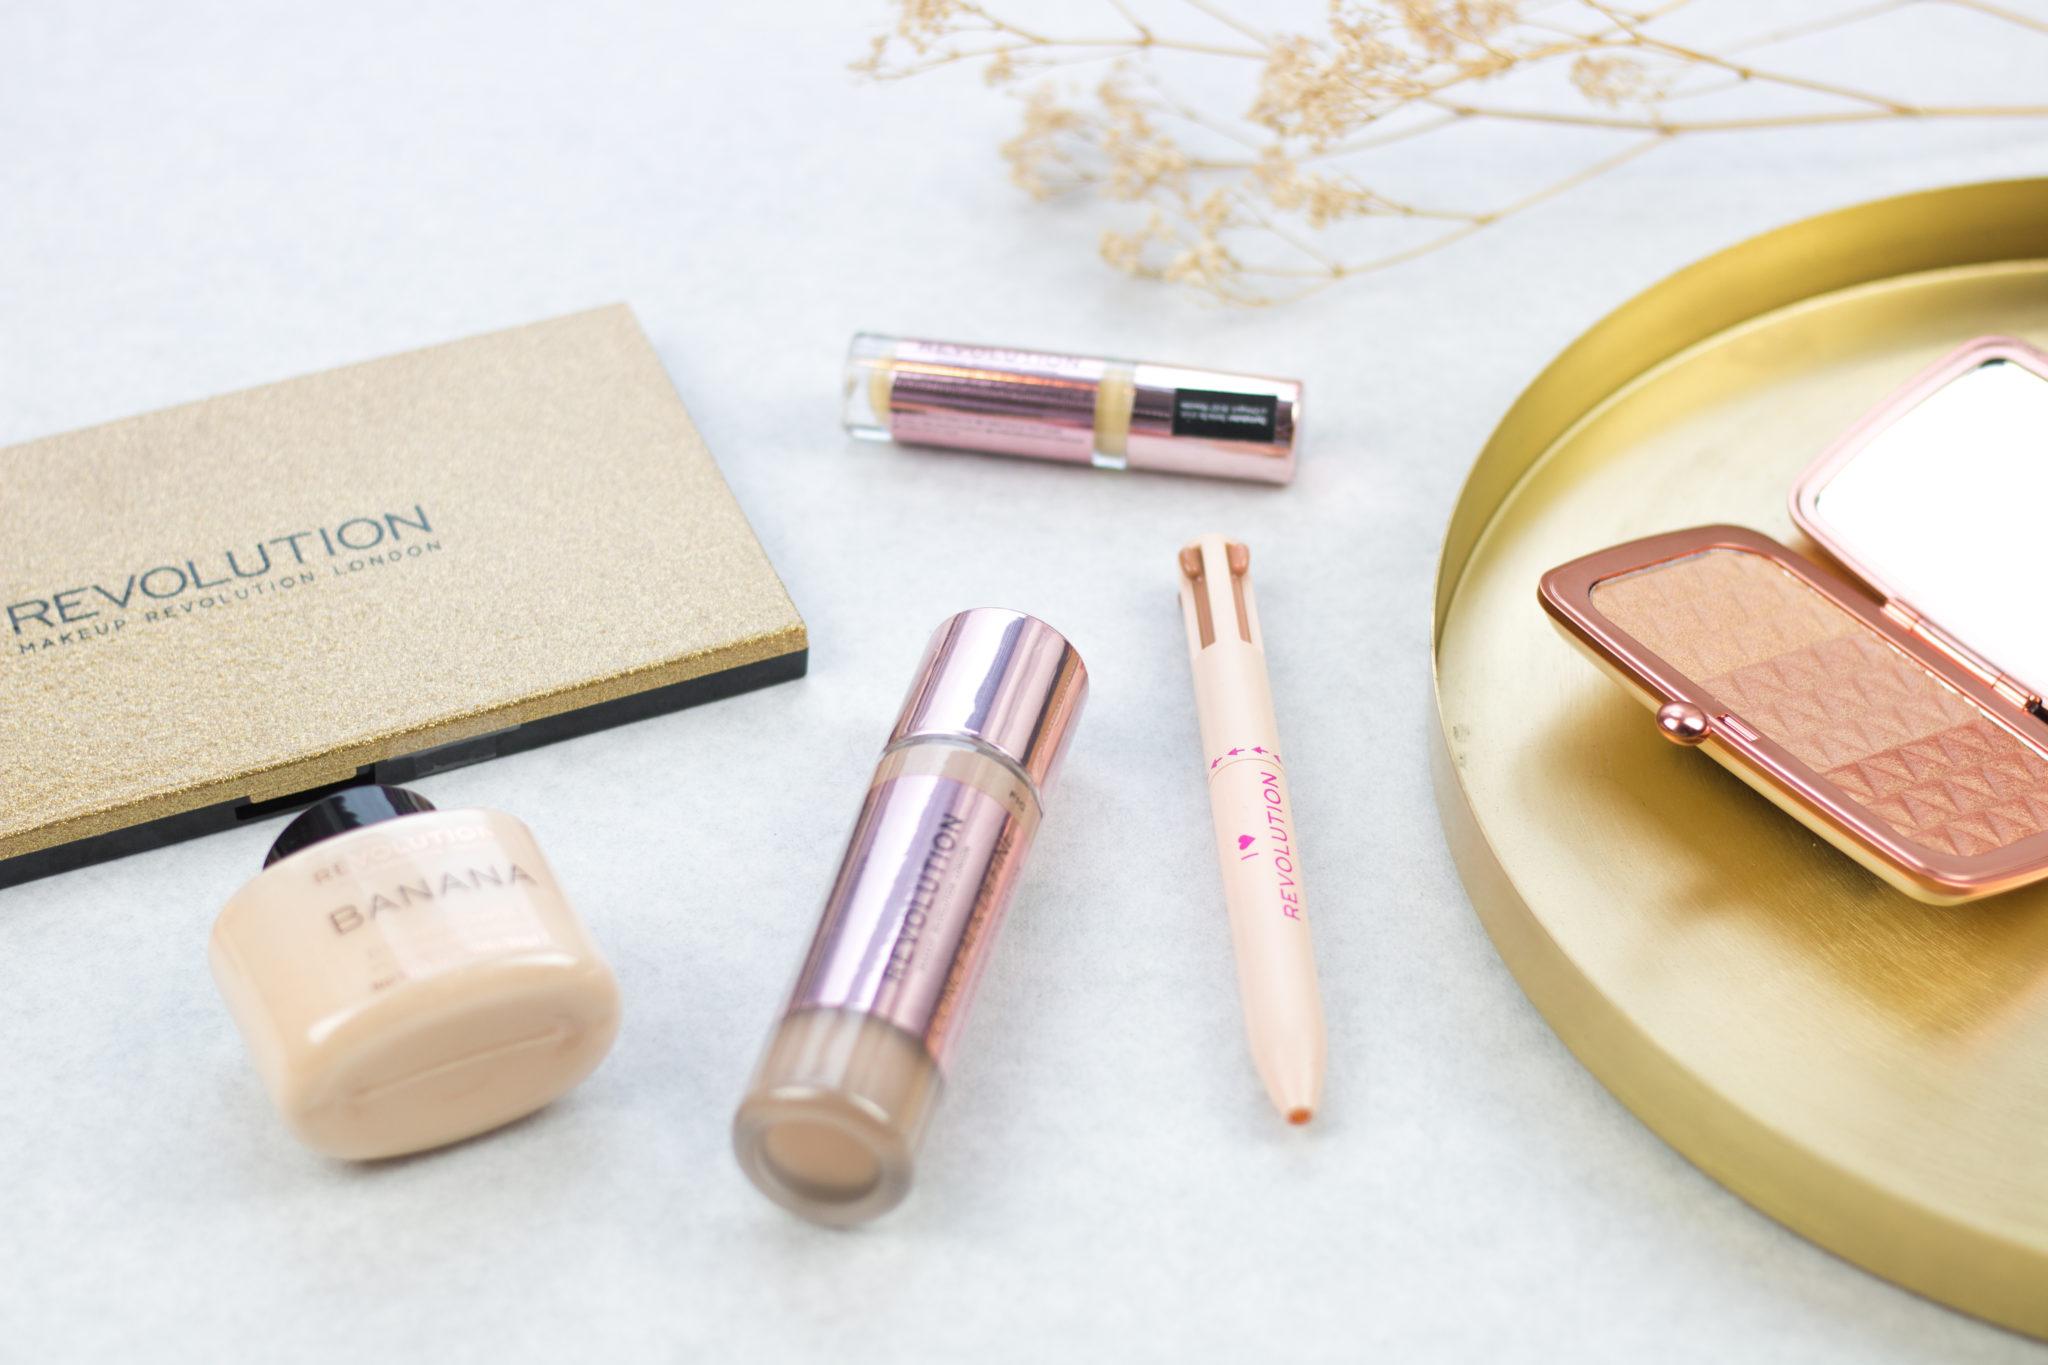 Rozświetlacze i bronzery Makeup Revolution